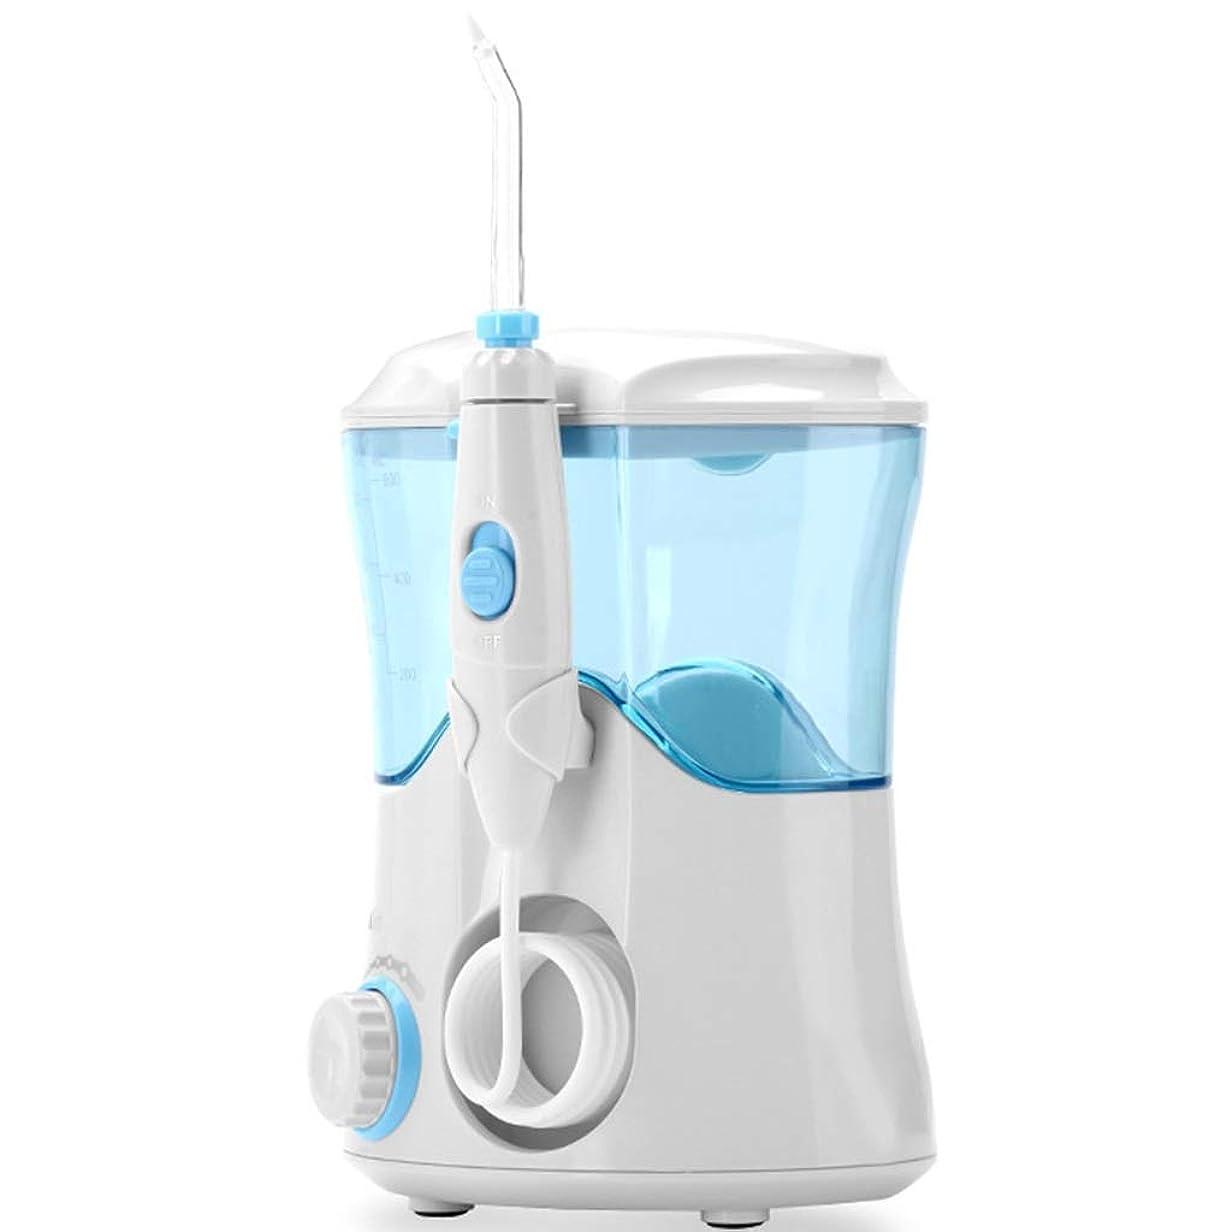 シロクマ人類ビルマプロのコードレス歯科用口腔洗浄器 - ポータブルおよび充電式IPX7は、家庭用および旅行用の洗浄可能な水タンクで3モードのフロスを防水、ブレース、ブリッジのお手入れ (Color : Black)